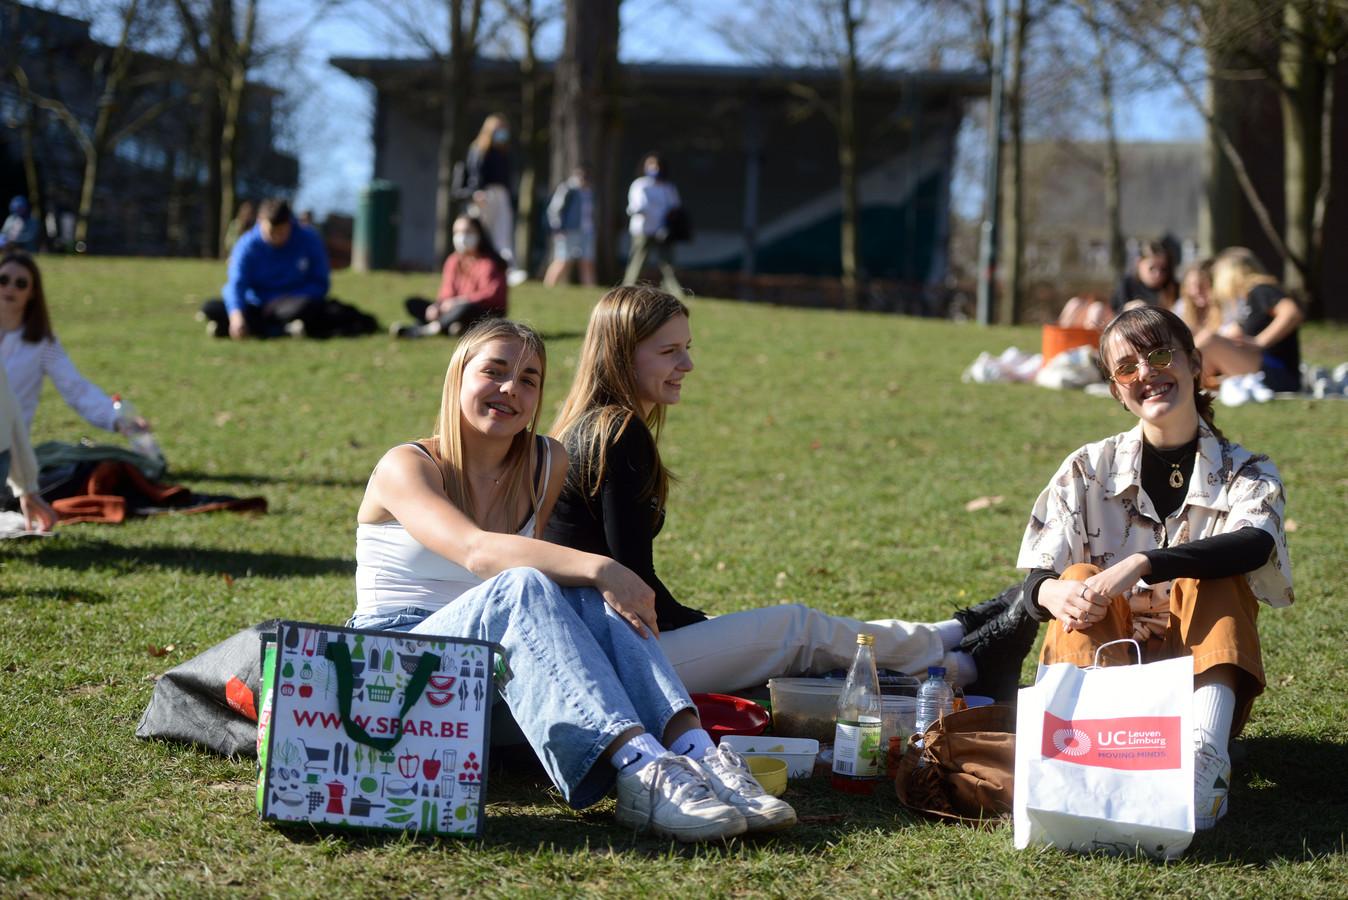 Chloé Fransoo (19), Jana Vleminckx (18) en Paula Vanvooren (18) in het stadspark